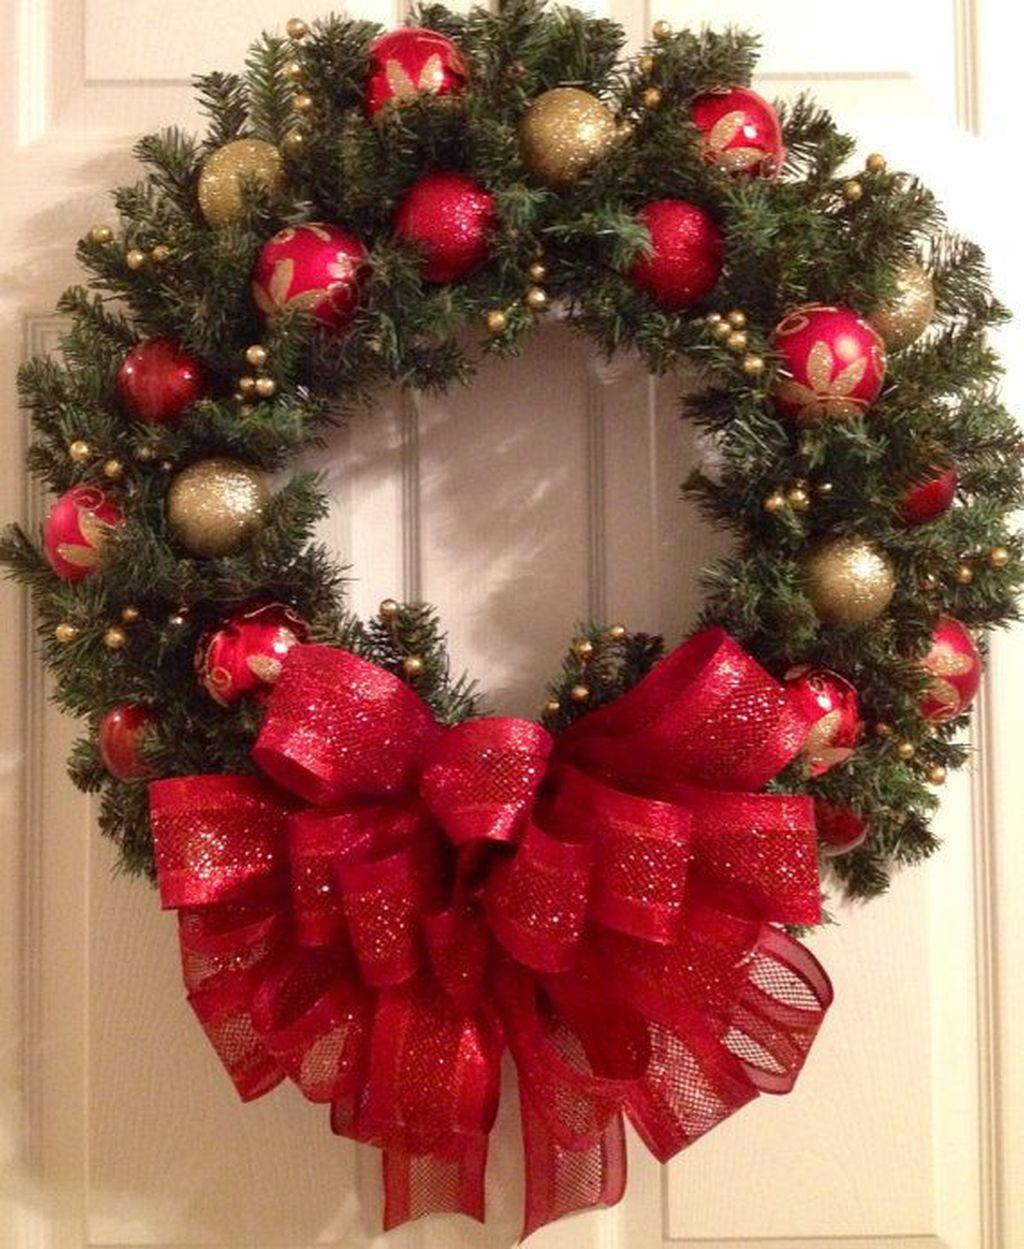 Christmas Wreath Ideas.48 Inspiring Christmas Wreaths Ideas For All Types Of Decor